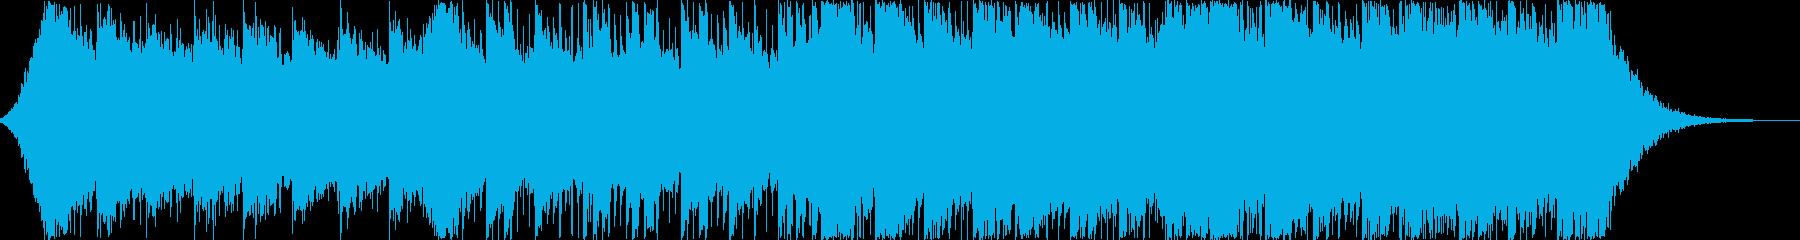 企業VP系92、テクノロジー、シンセ、bの再生済みの波形